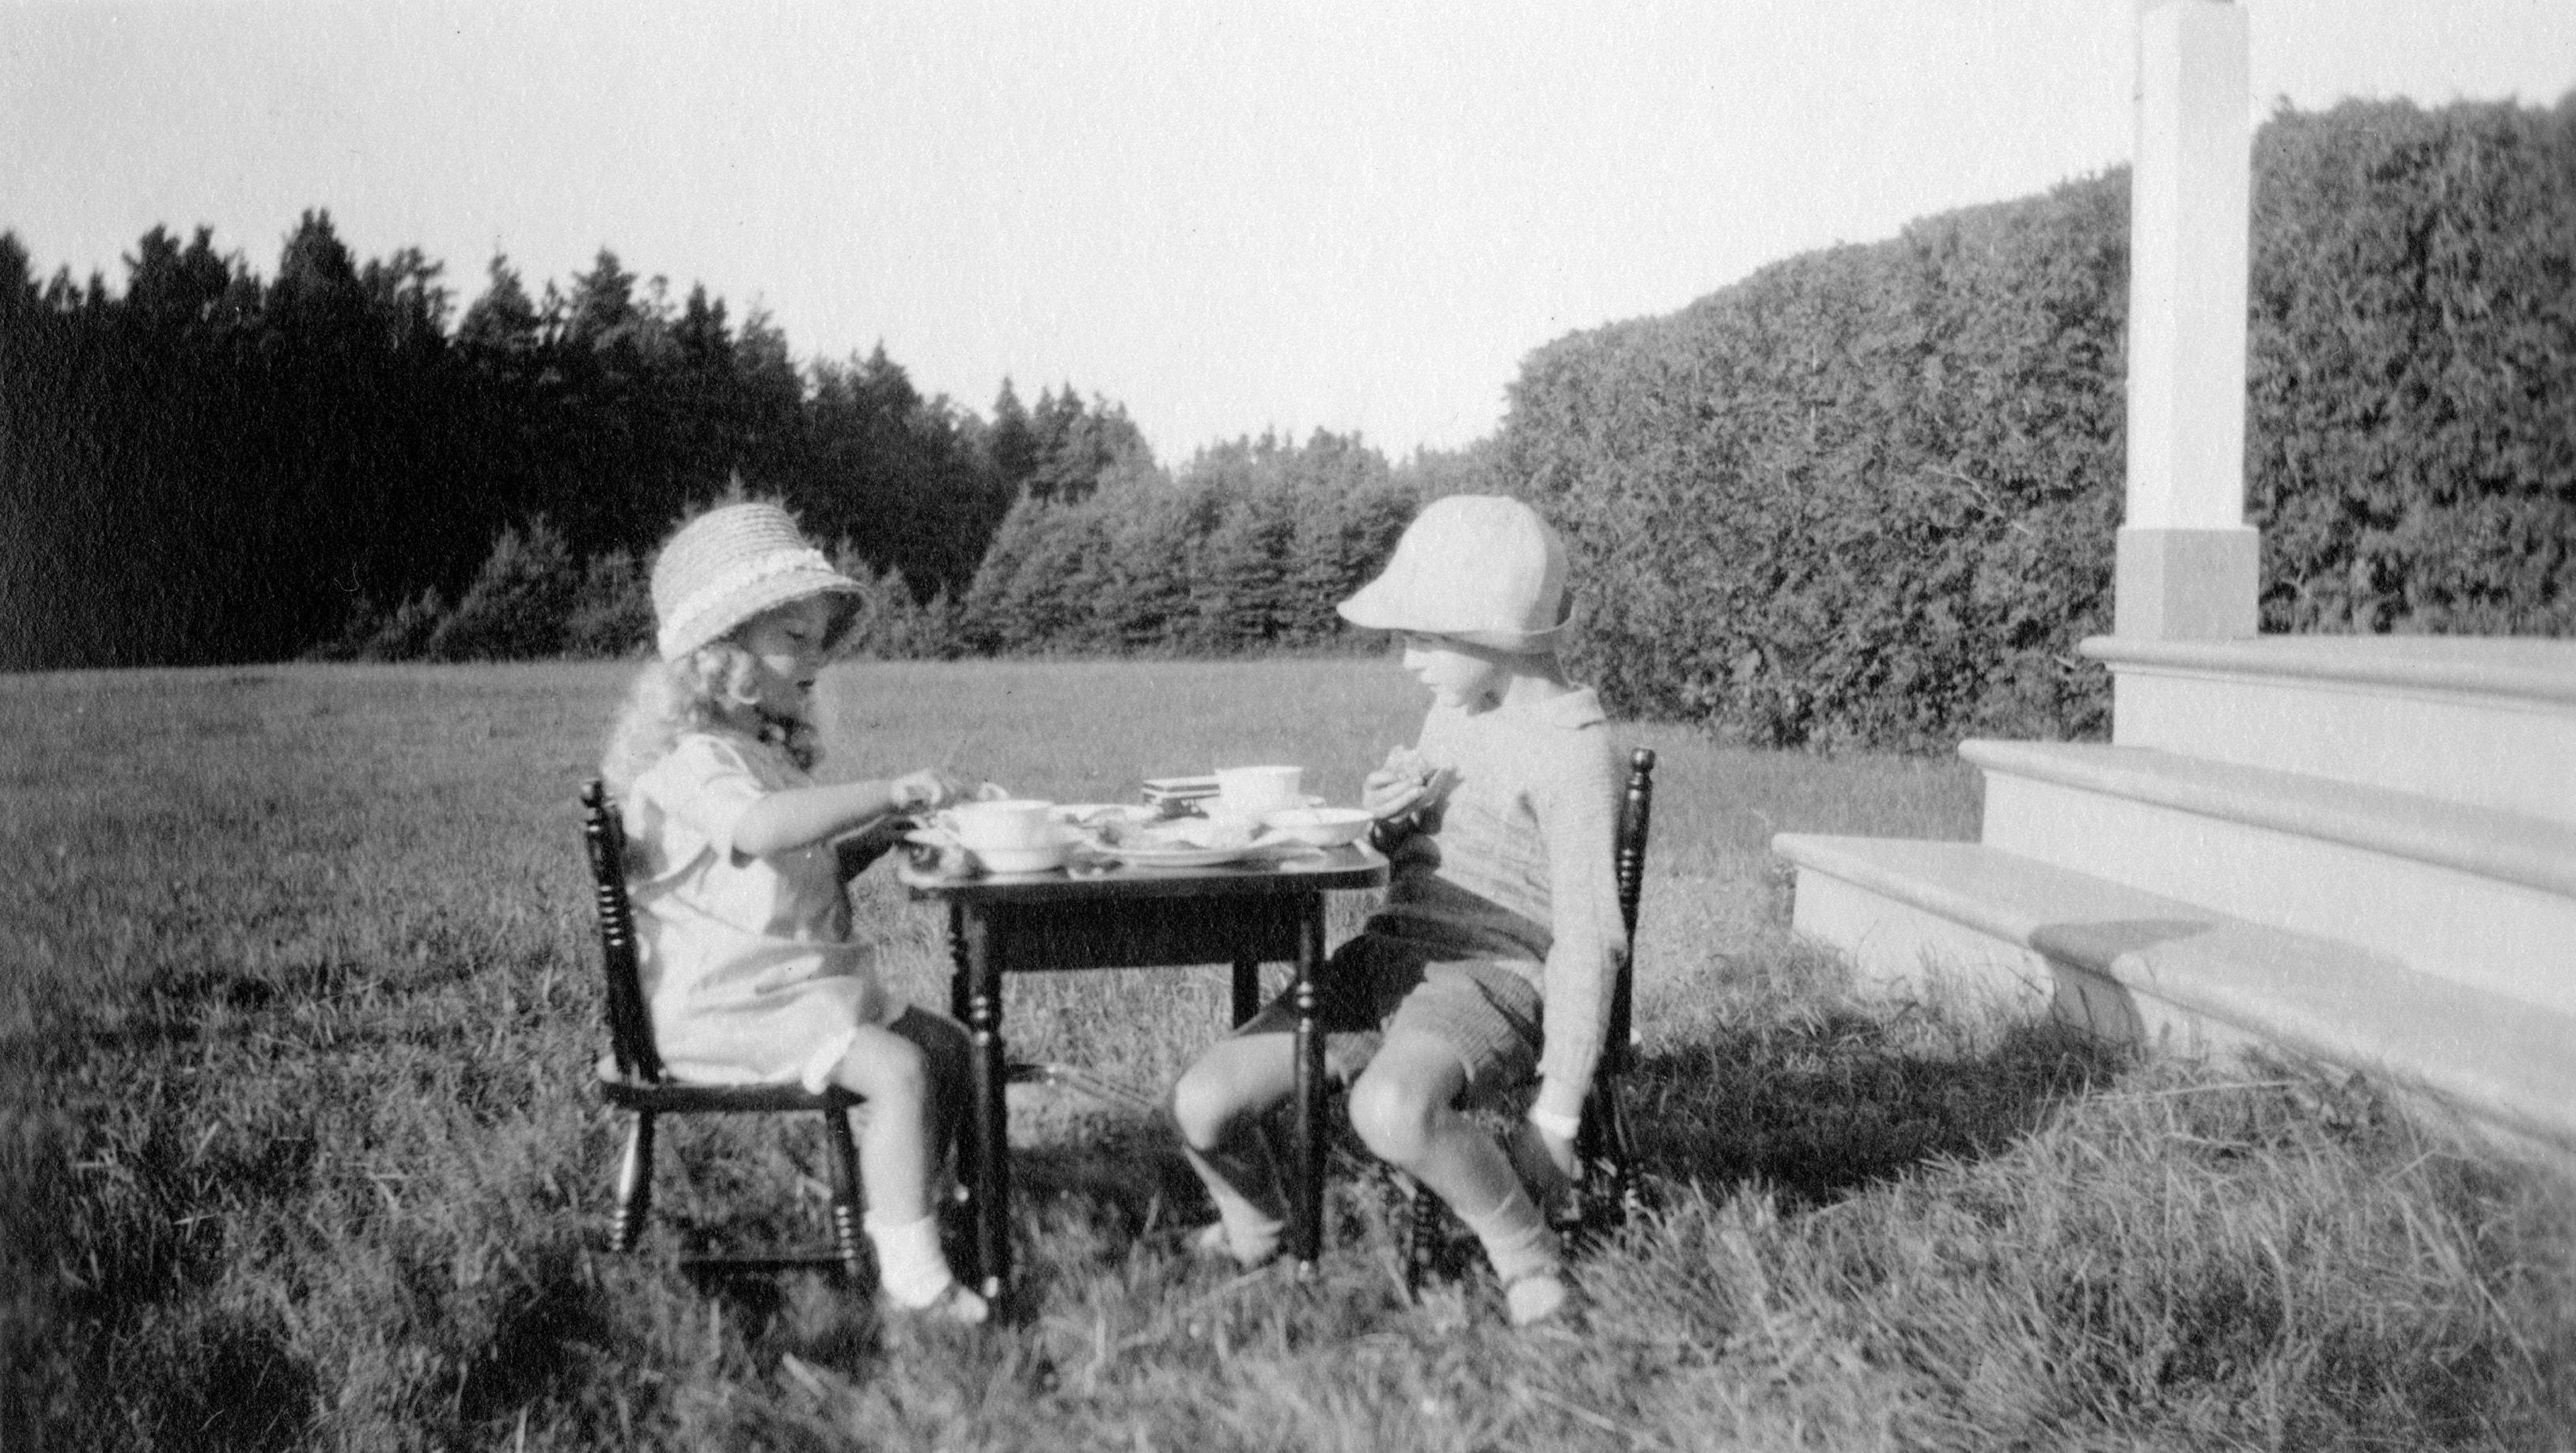 Deux enfants dégustent une collation posée sur une petite table installée à l'extérieur, sur la pelouse.